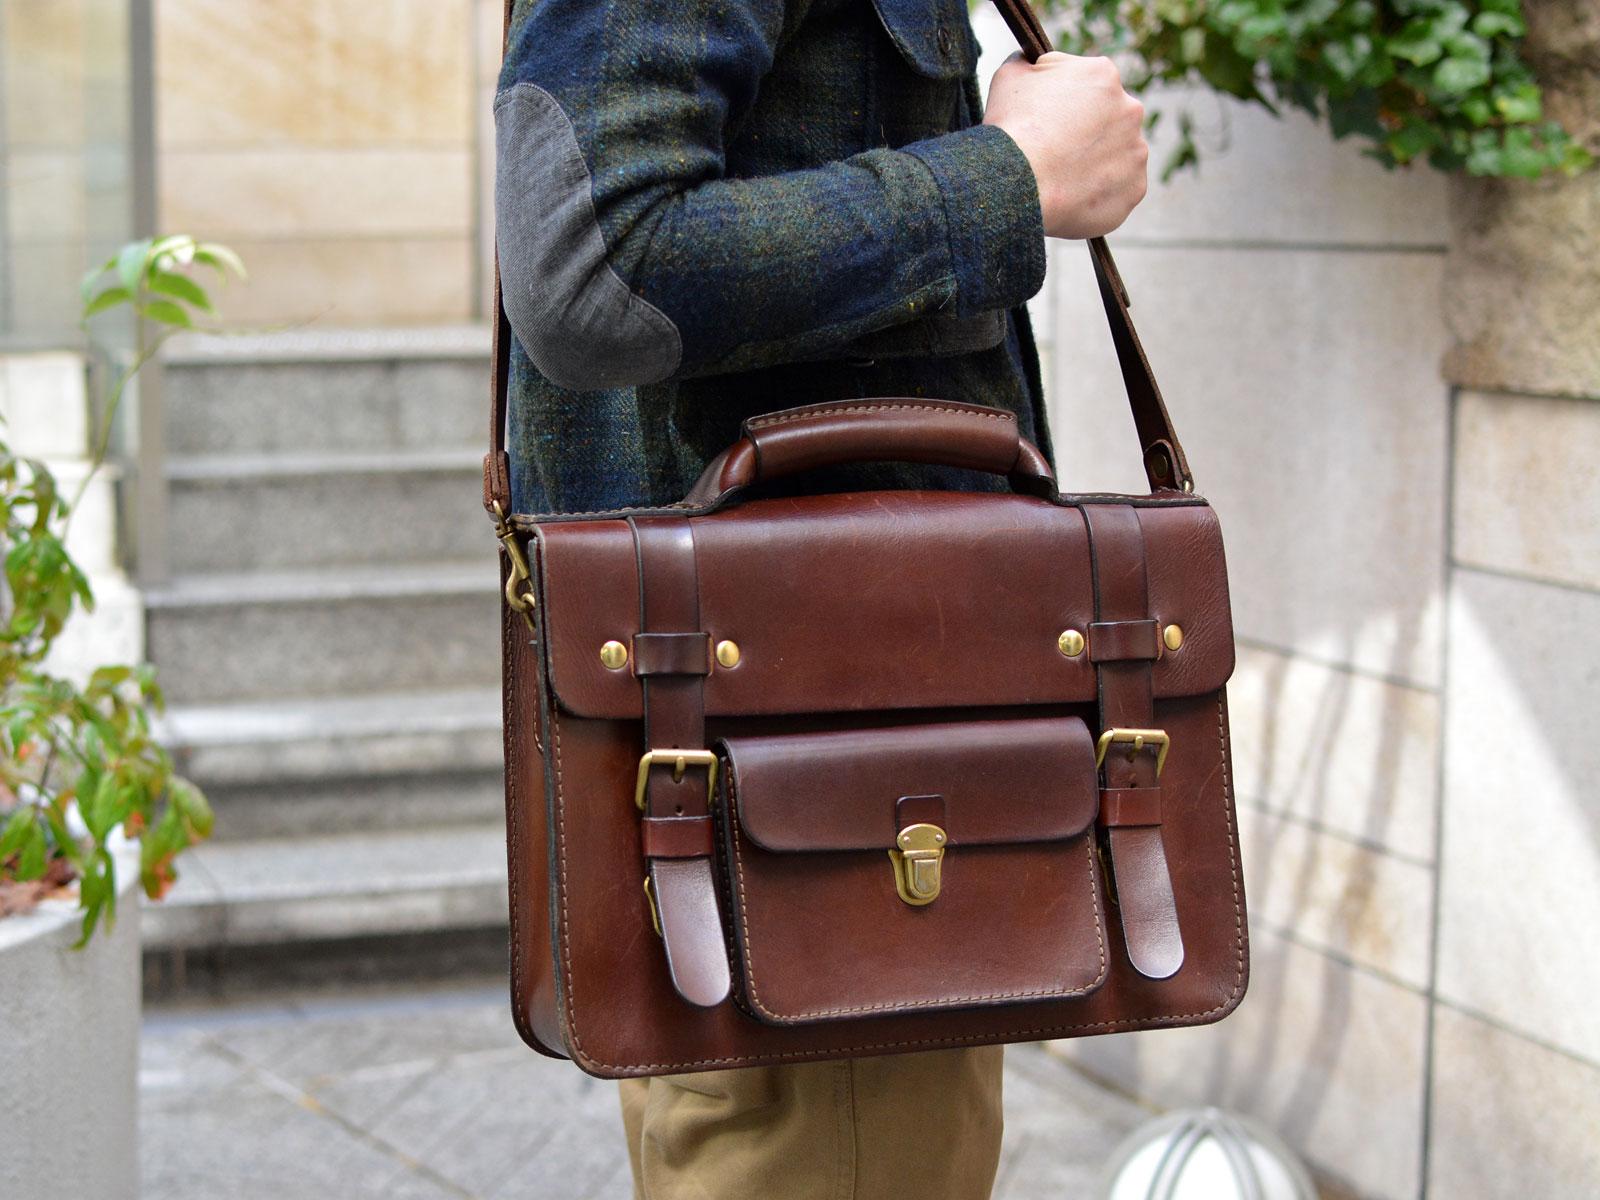 本店作り手:西川愛用「学生鞄風・2wayビジネスバッグ」